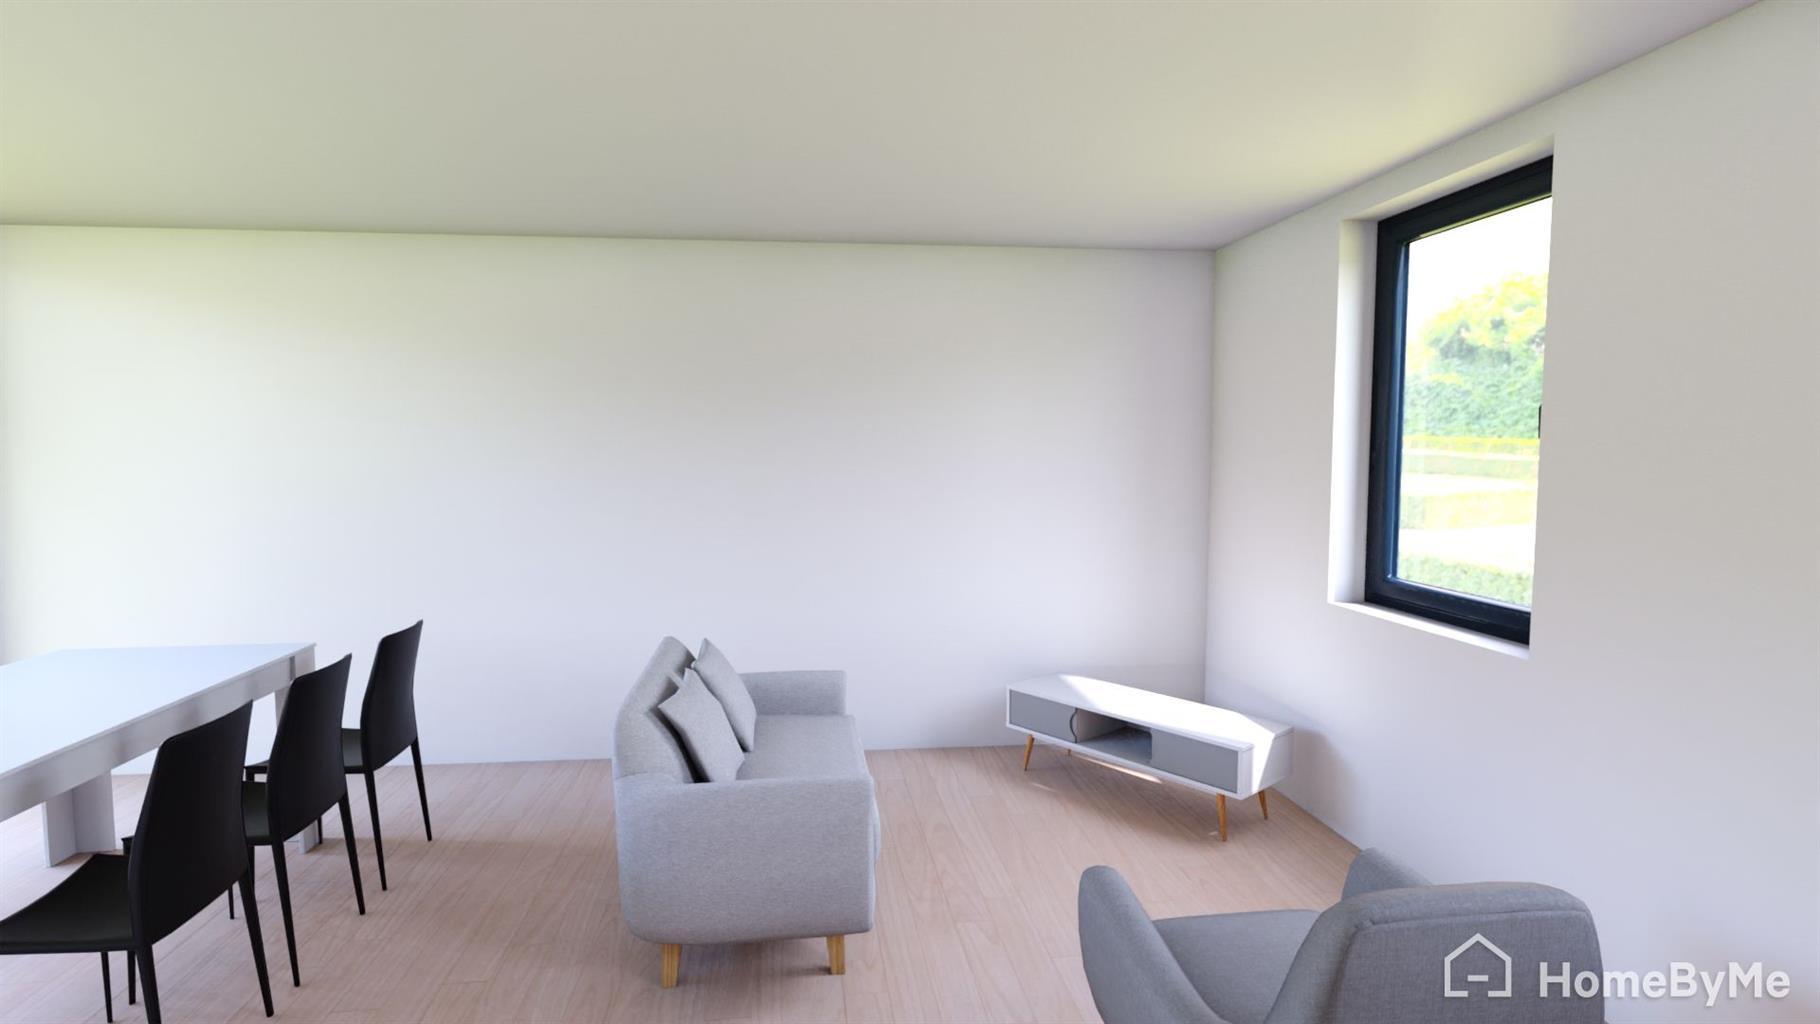 Maison - Braine-le-Comte - #4371645-18